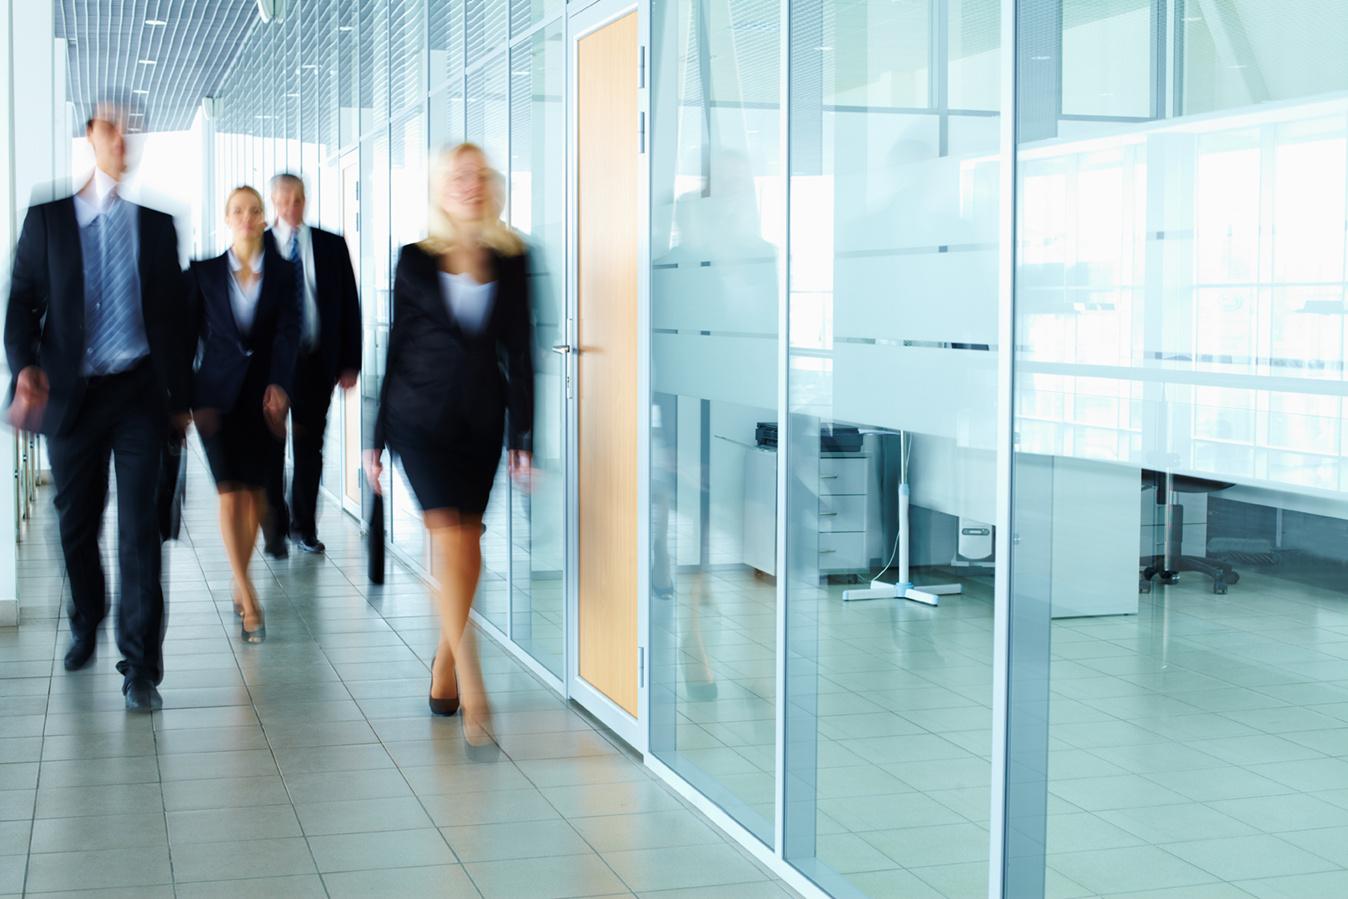 blurry people walking to meeting room